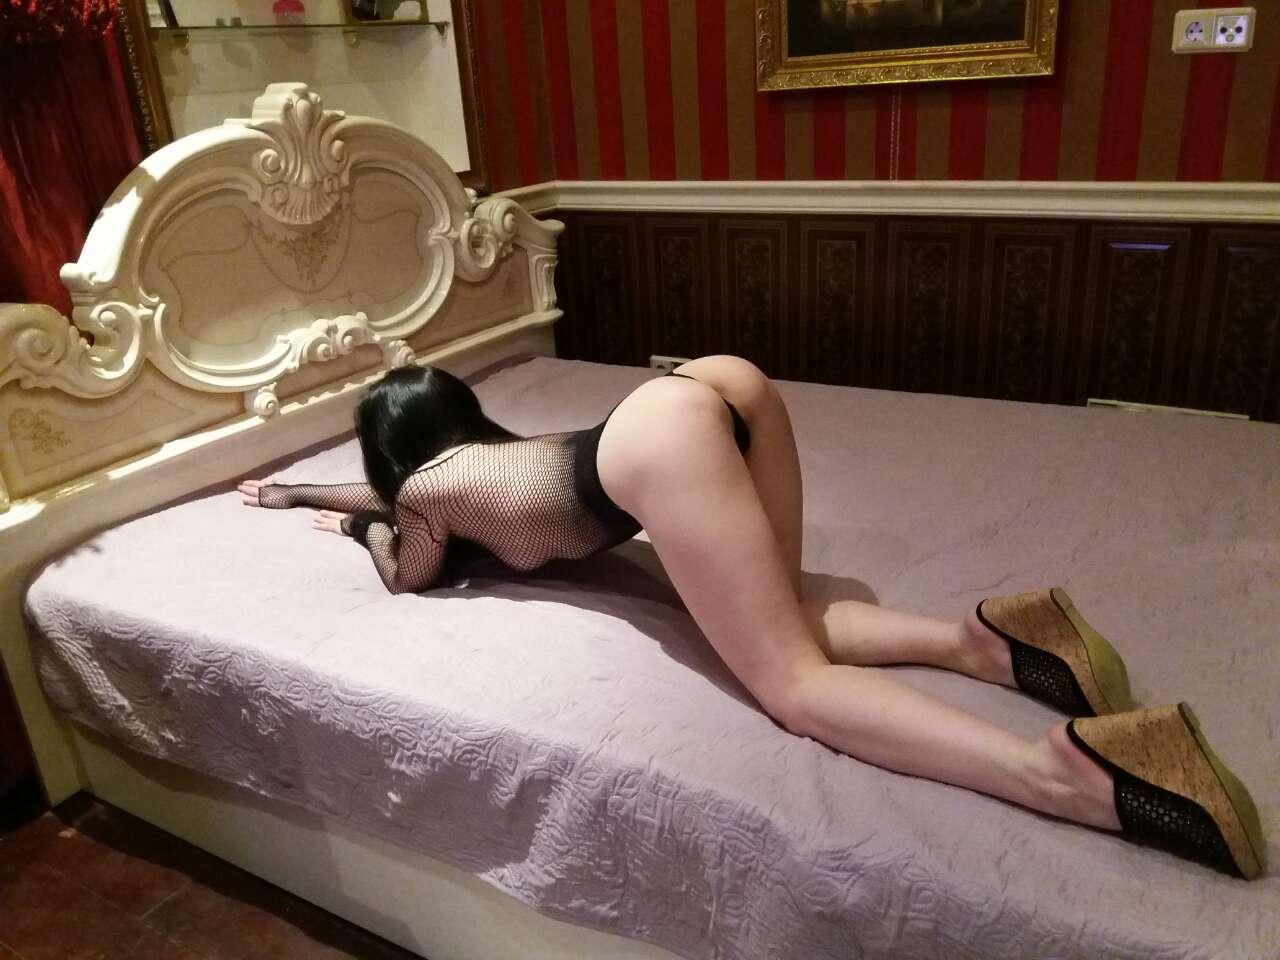 Эротический массаж выезд индивидуалка, Эротический массаж от массажисток в Москве - частные 1 фотография